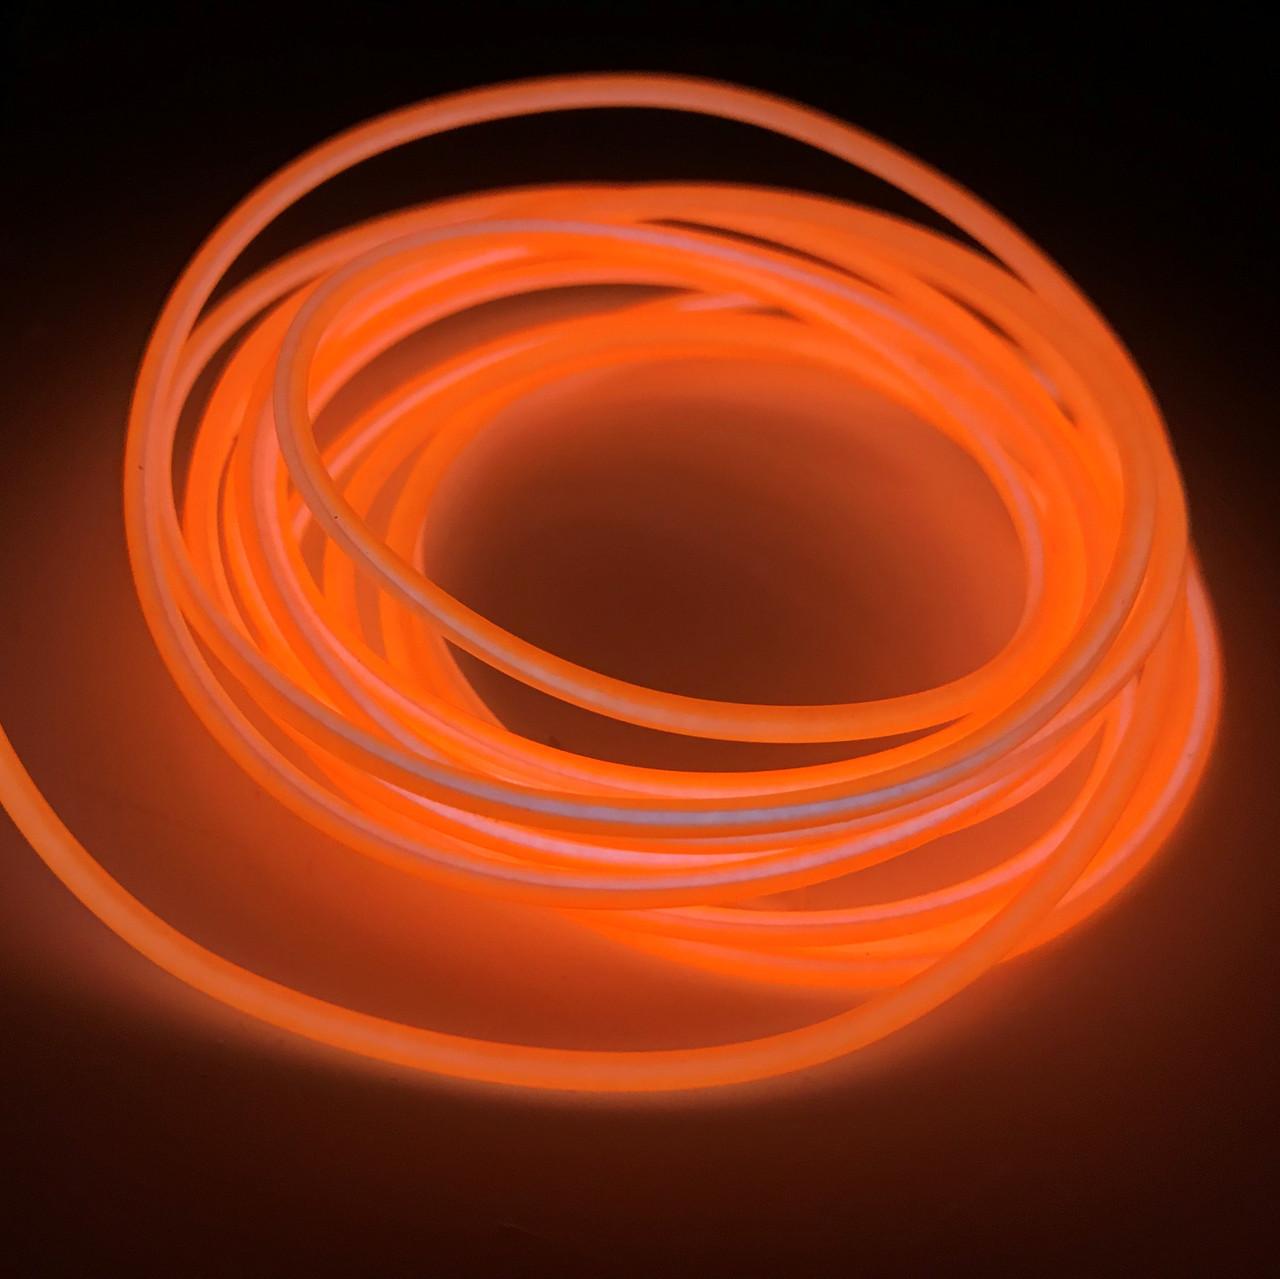 Холодный Неон Флекс 3м Оранжевый Светодиодный